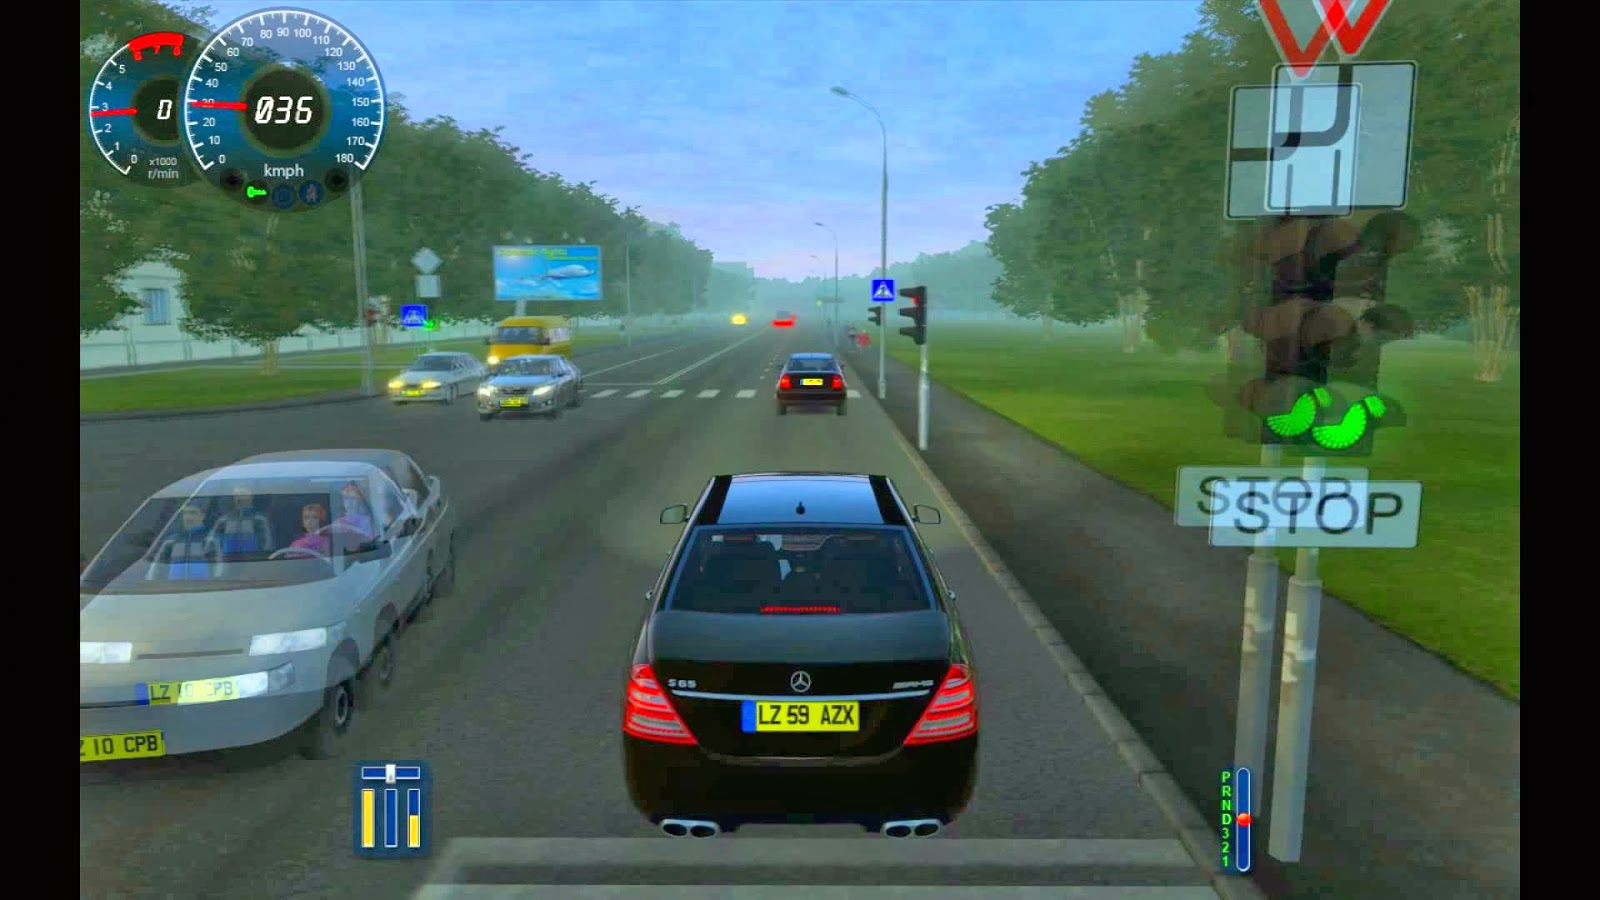 تحميل لعبة city car driving مع الكراك